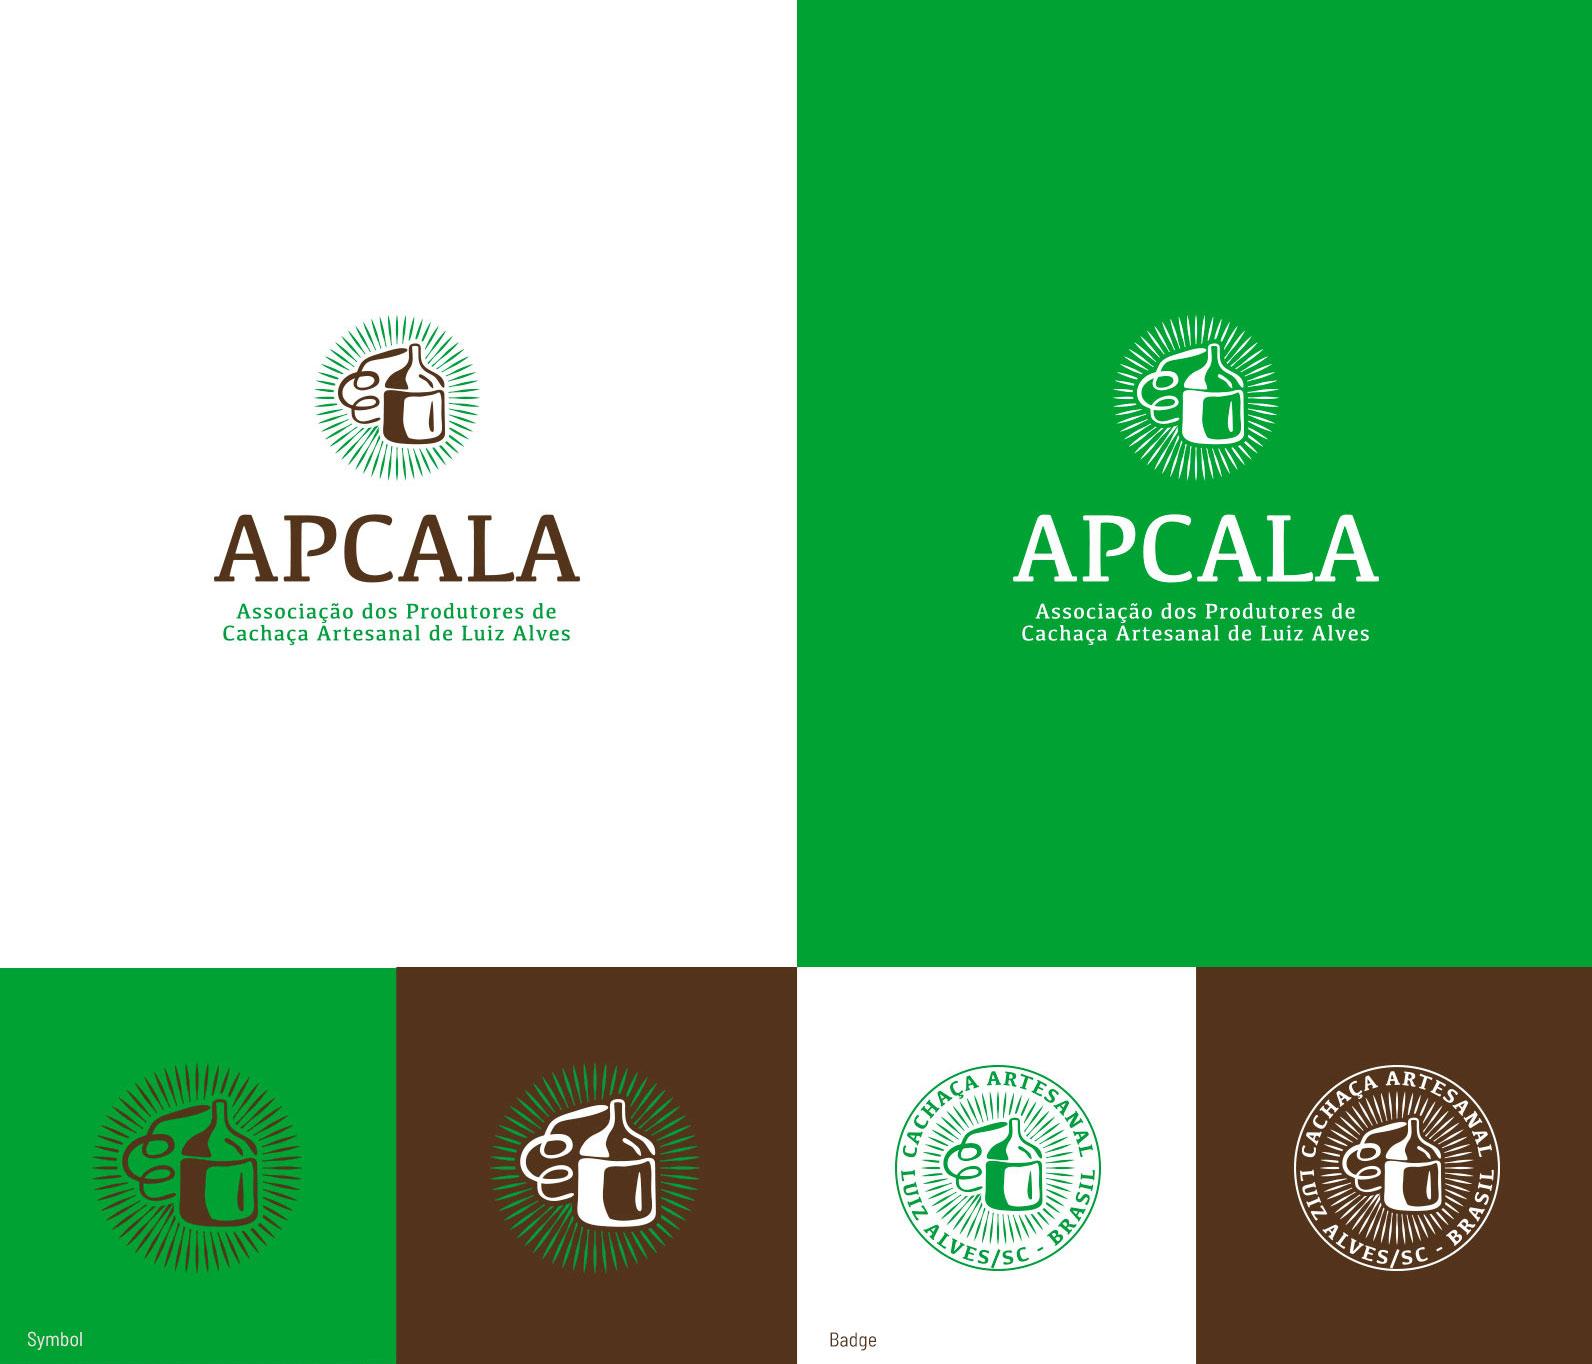 Variações do Logo da Associação de Produtores de Cachaça de Luis Alves